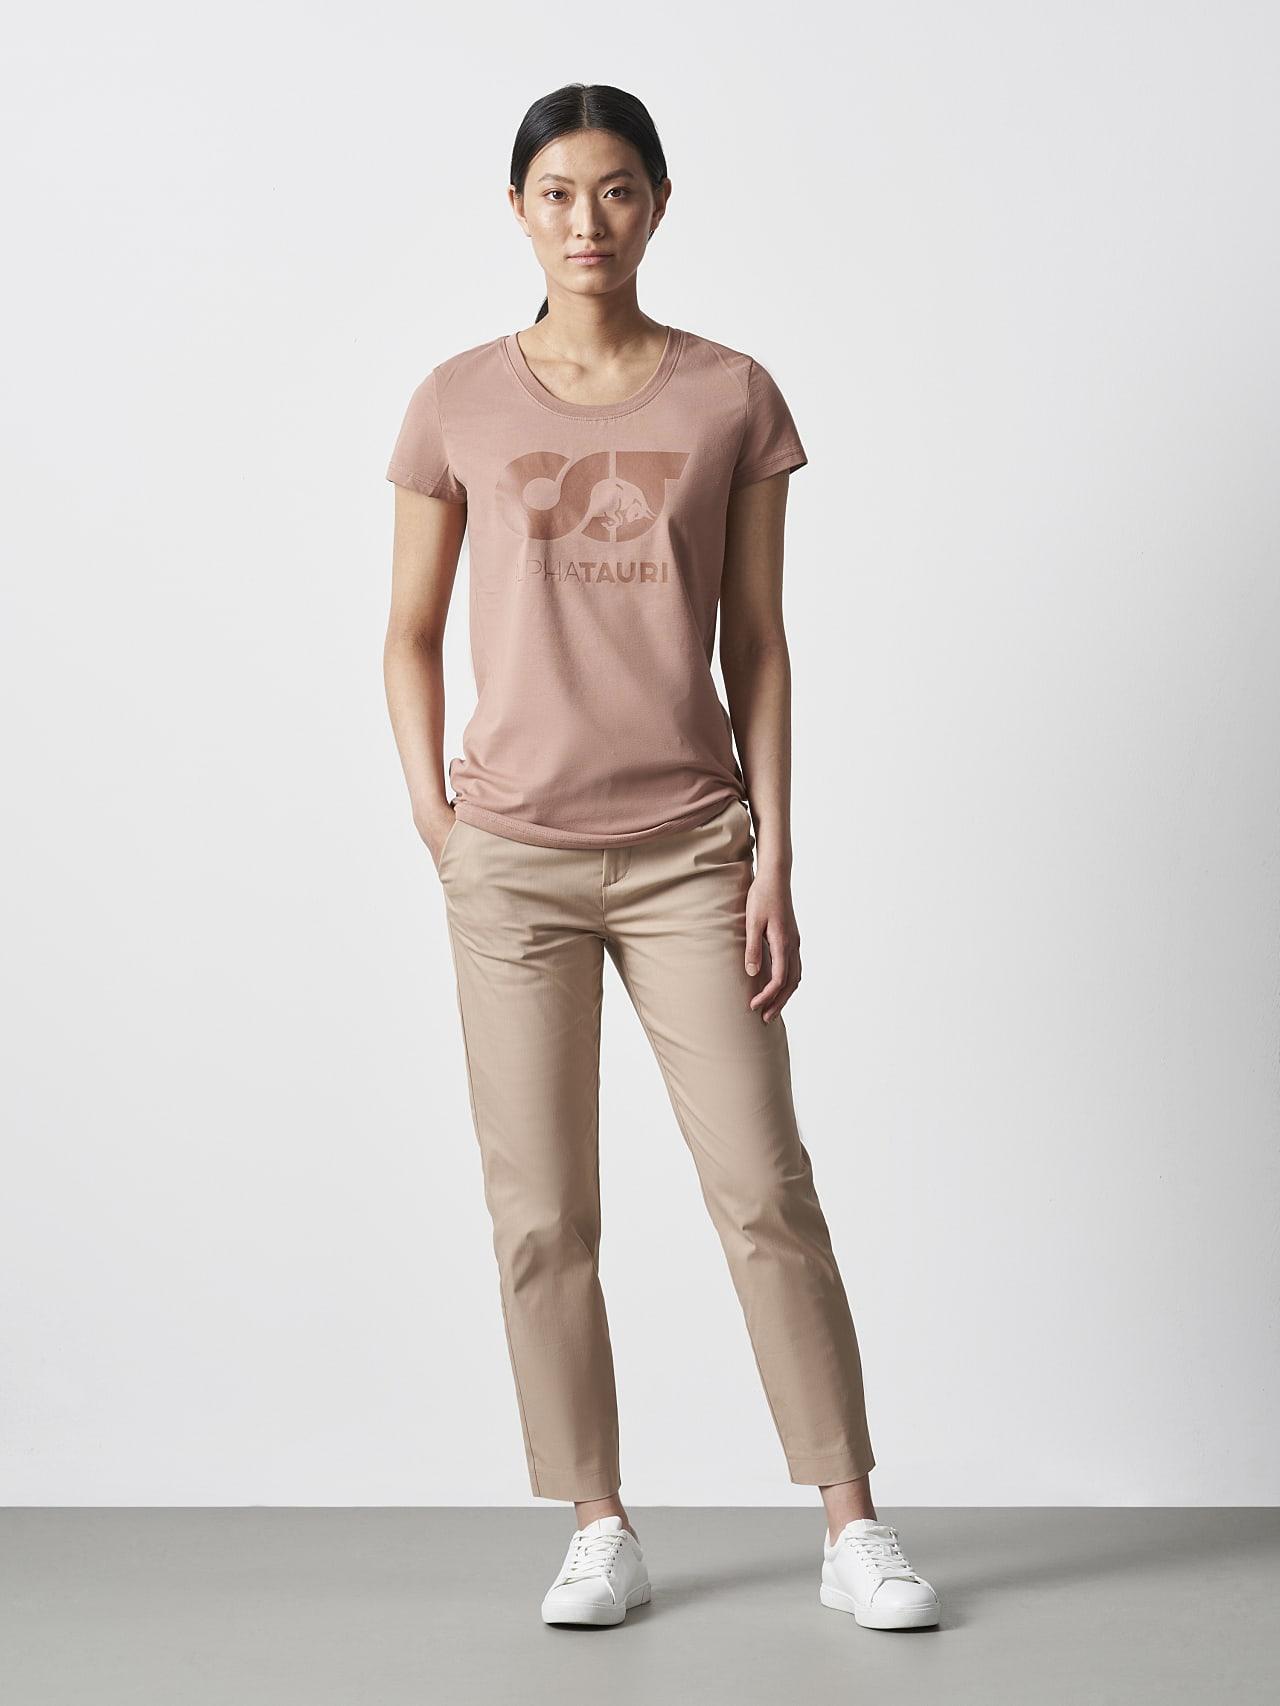 JERU V2.Y4.02 Signature Logo T-Shirt Rosé Vorne Alpha Tauri